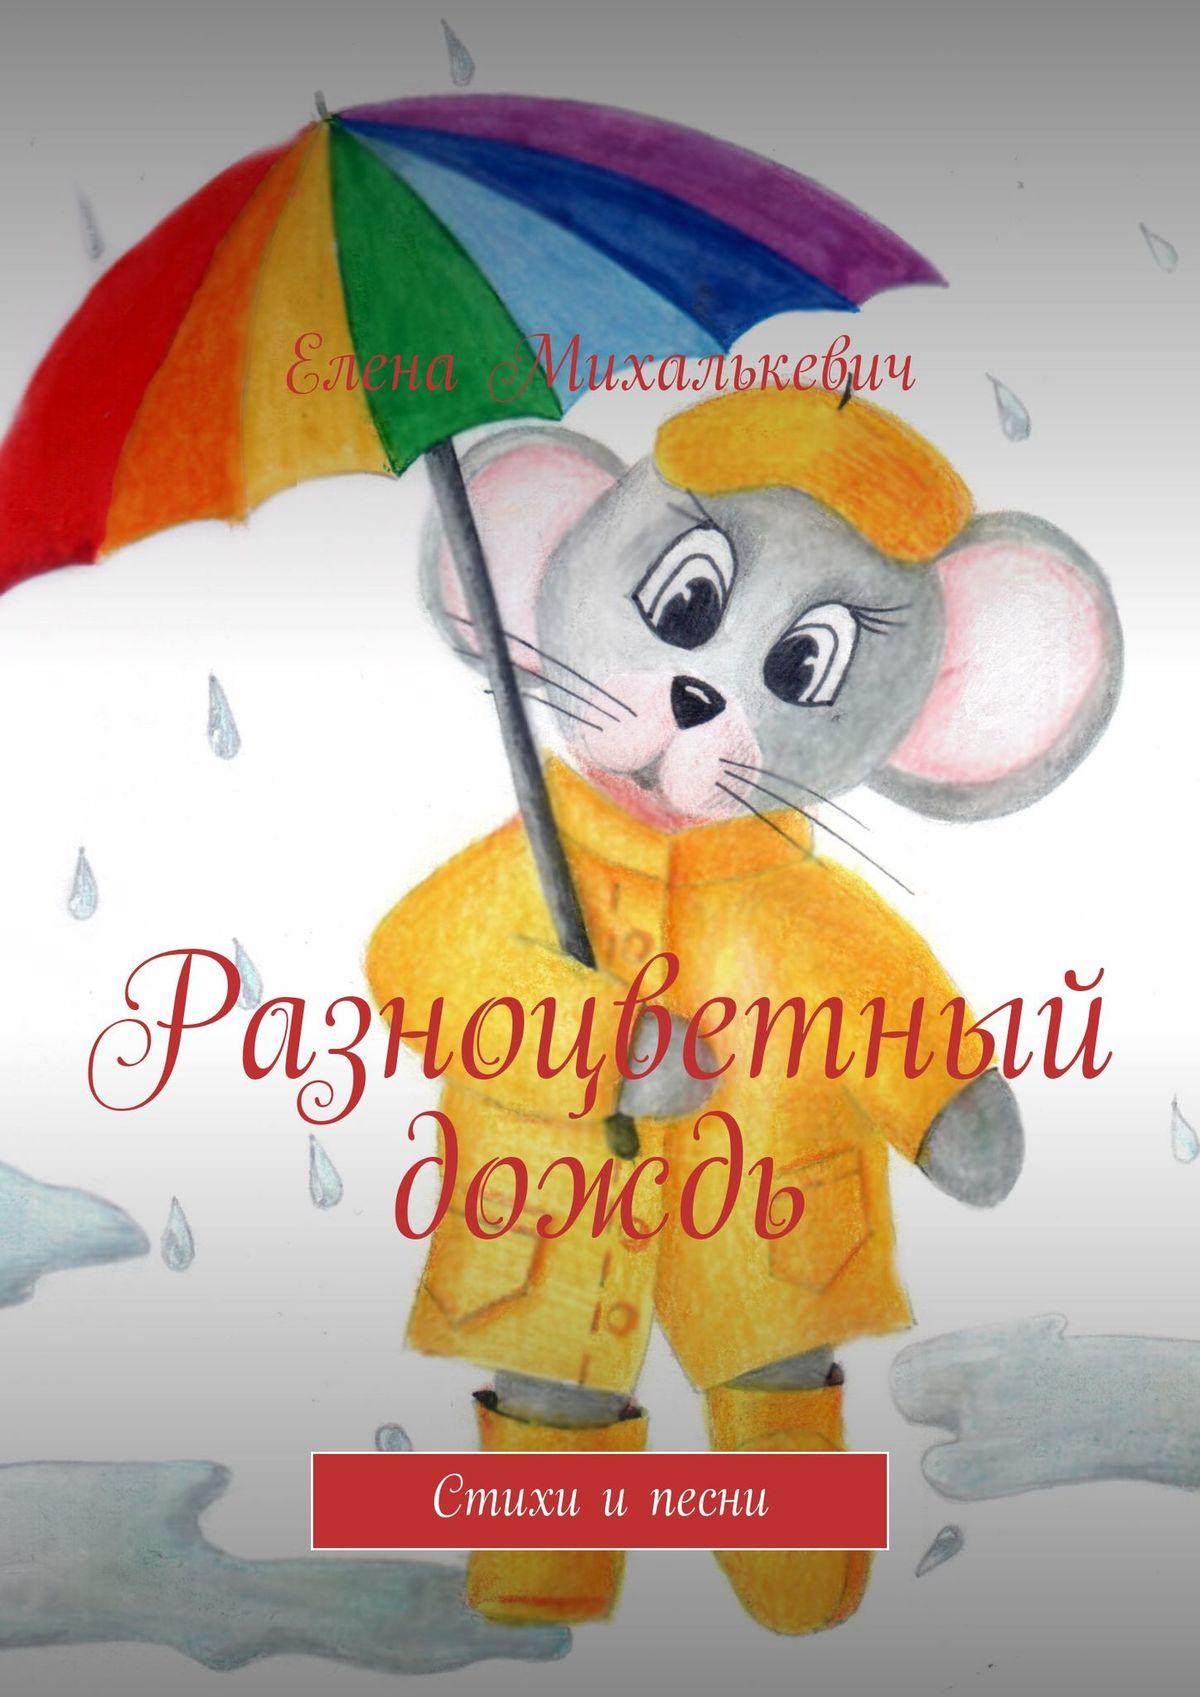 Елена Михалькевич Разноцветный дождь. Стихи и песни елена михалькевич сонет любви стихи ипесни